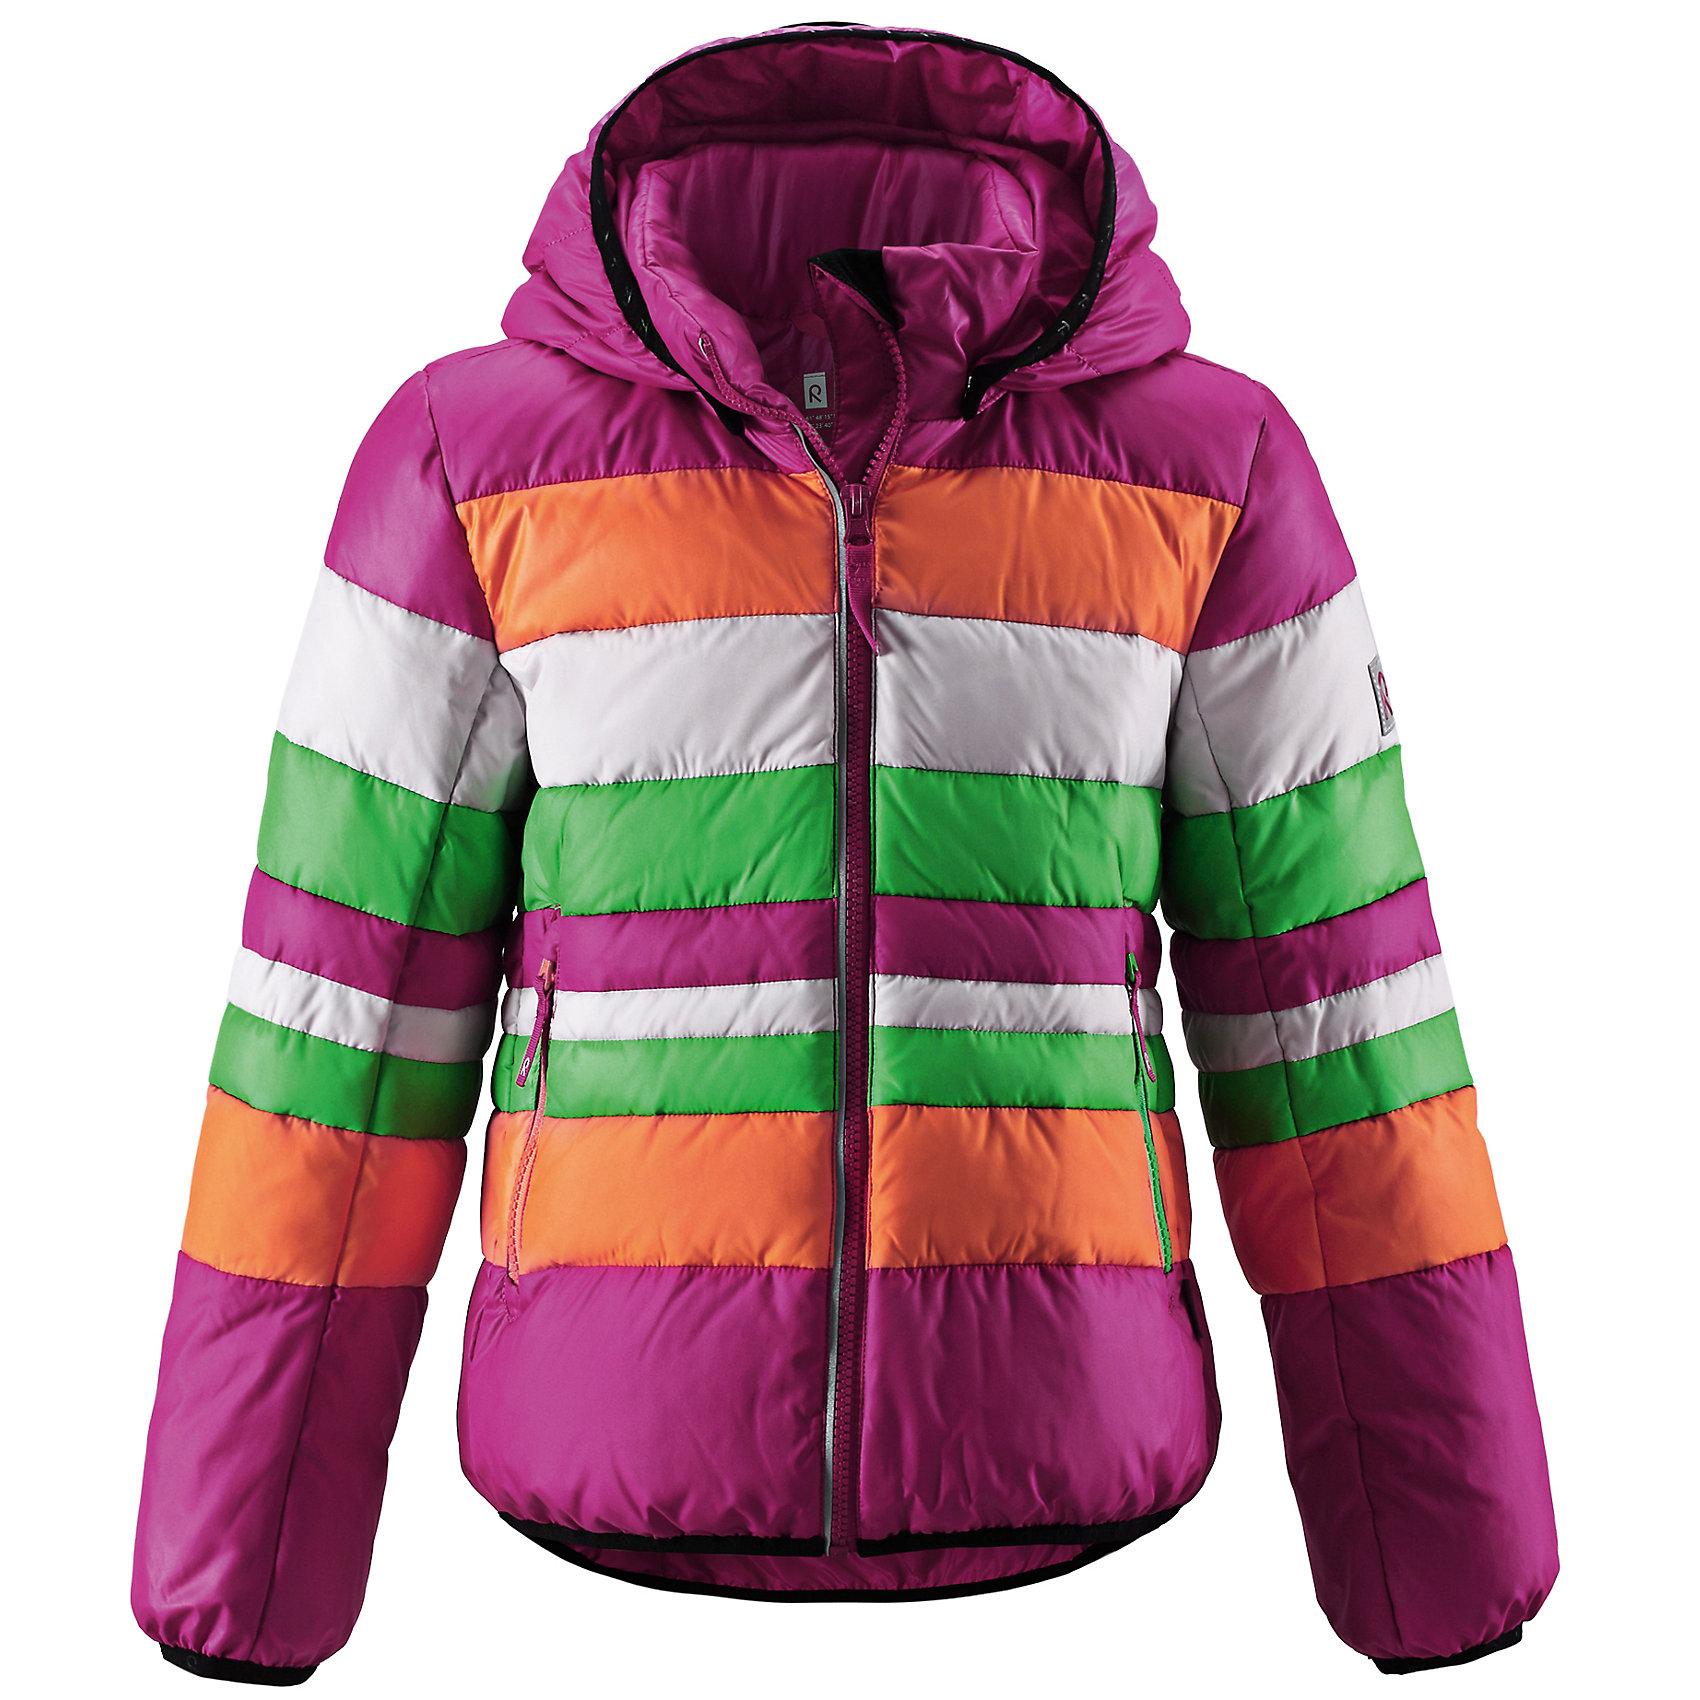 Куртка для девочки ReimaЯркие полоски и пух - отличительные детали этого лёгкого детского пуховика! Пропускающий воздух пуховик надёжно согреет ребёнка поздней осенью. Сочетание ярких цветов радует глаз, когда вы гуляете по городу или активно проводите время на свежем воздухе. Съёмный капюшон защищает от холодного ветра и безопасен во время игр. Если закреплённый кнопками капюшон зацепится за что-нибудь, он легко отстегнётся. Обратите внимание, что забавные молнии контрастного цвета придают изюминку яркому образу!<br><br>Лёгкий пуховик для девочек-подростков<br>Эластичный кант на манжетах рукавов, капюшоне и подоле пуховика<br>Молнии контрастного цвета <br>Безопасный съёмный регулируемый капюшон <br>Два кармана на молниях <br>Состав:<br>100% ПЭ<br>Средняя степень утепления (до - 20)<br>Утеплитель: пух<br><br>Куртку для девочки Reima (Рейма) можно купить в нашем магазине.<br><br>Ширина мм: 356<br>Глубина мм: 10<br>Высота мм: 245<br>Вес г: 519<br>Цвет: розовый<br>Возраст от месяцев: 48<br>Возраст до месяцев: 60<br>Пол: Женский<br>Возраст: Детский<br>Размер: 122,110,164,104,116,128,134,140,146<br>SKU: 4209032